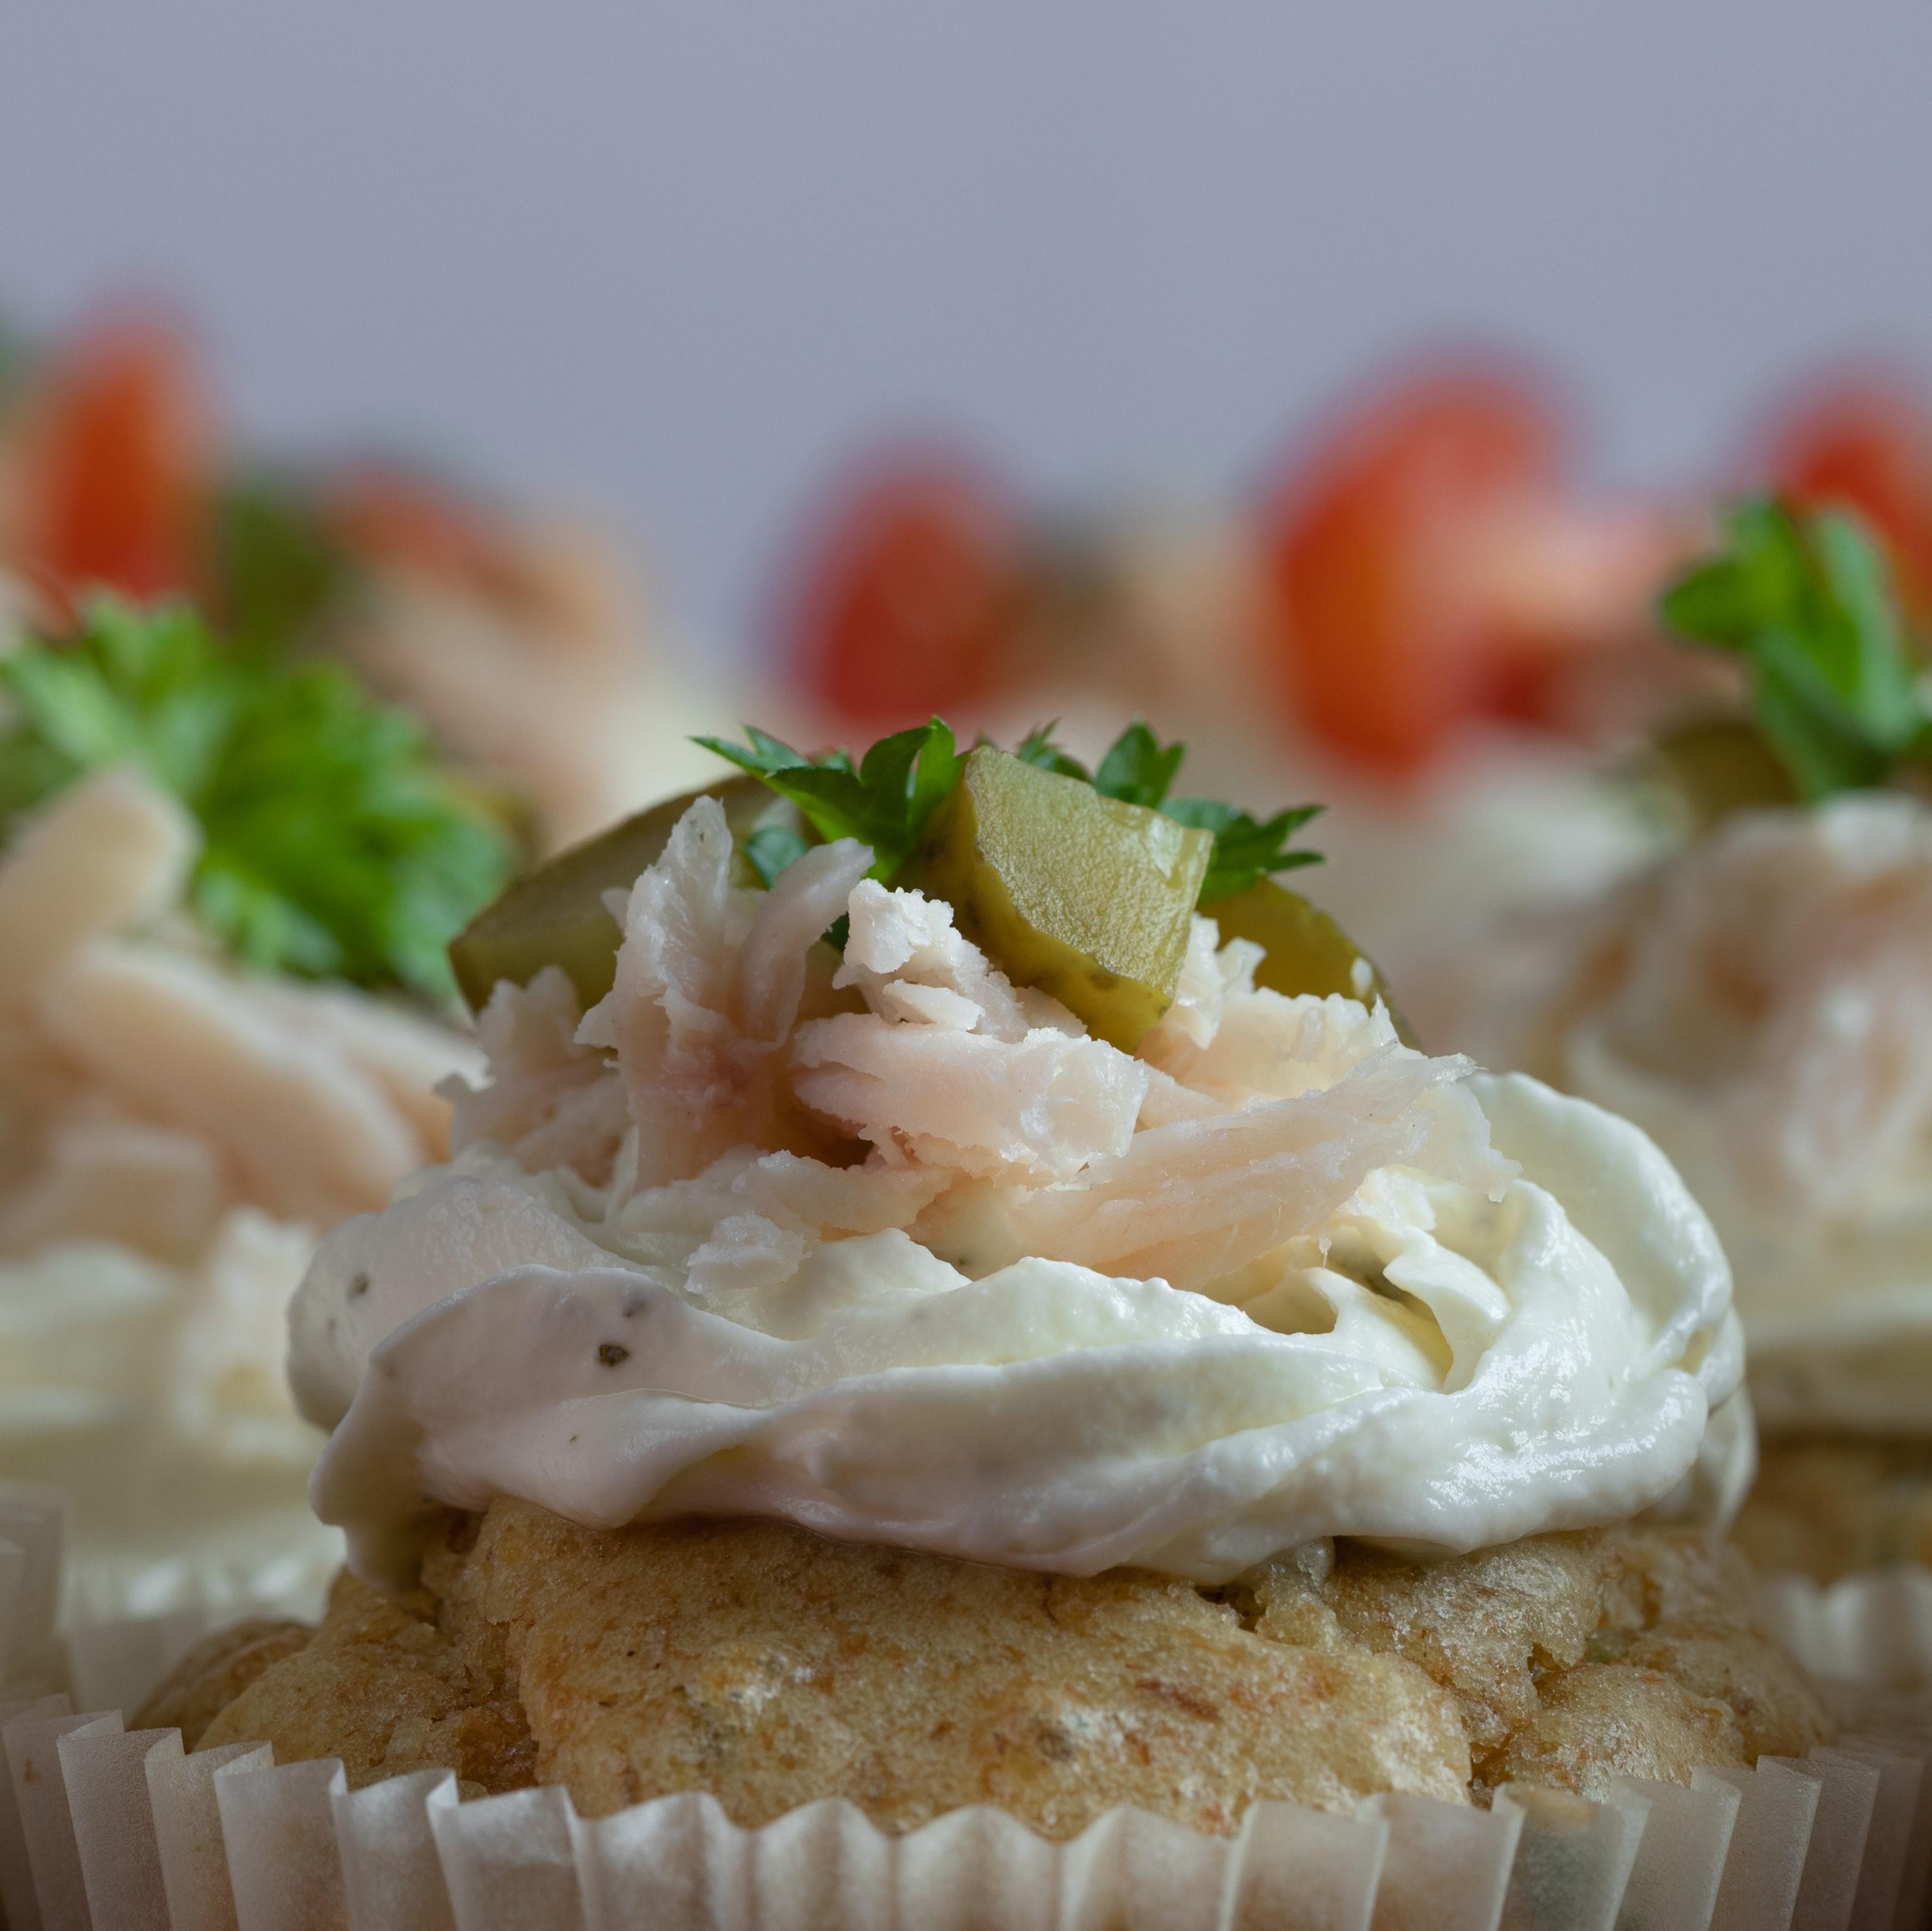 Healthy vegetable cupcake